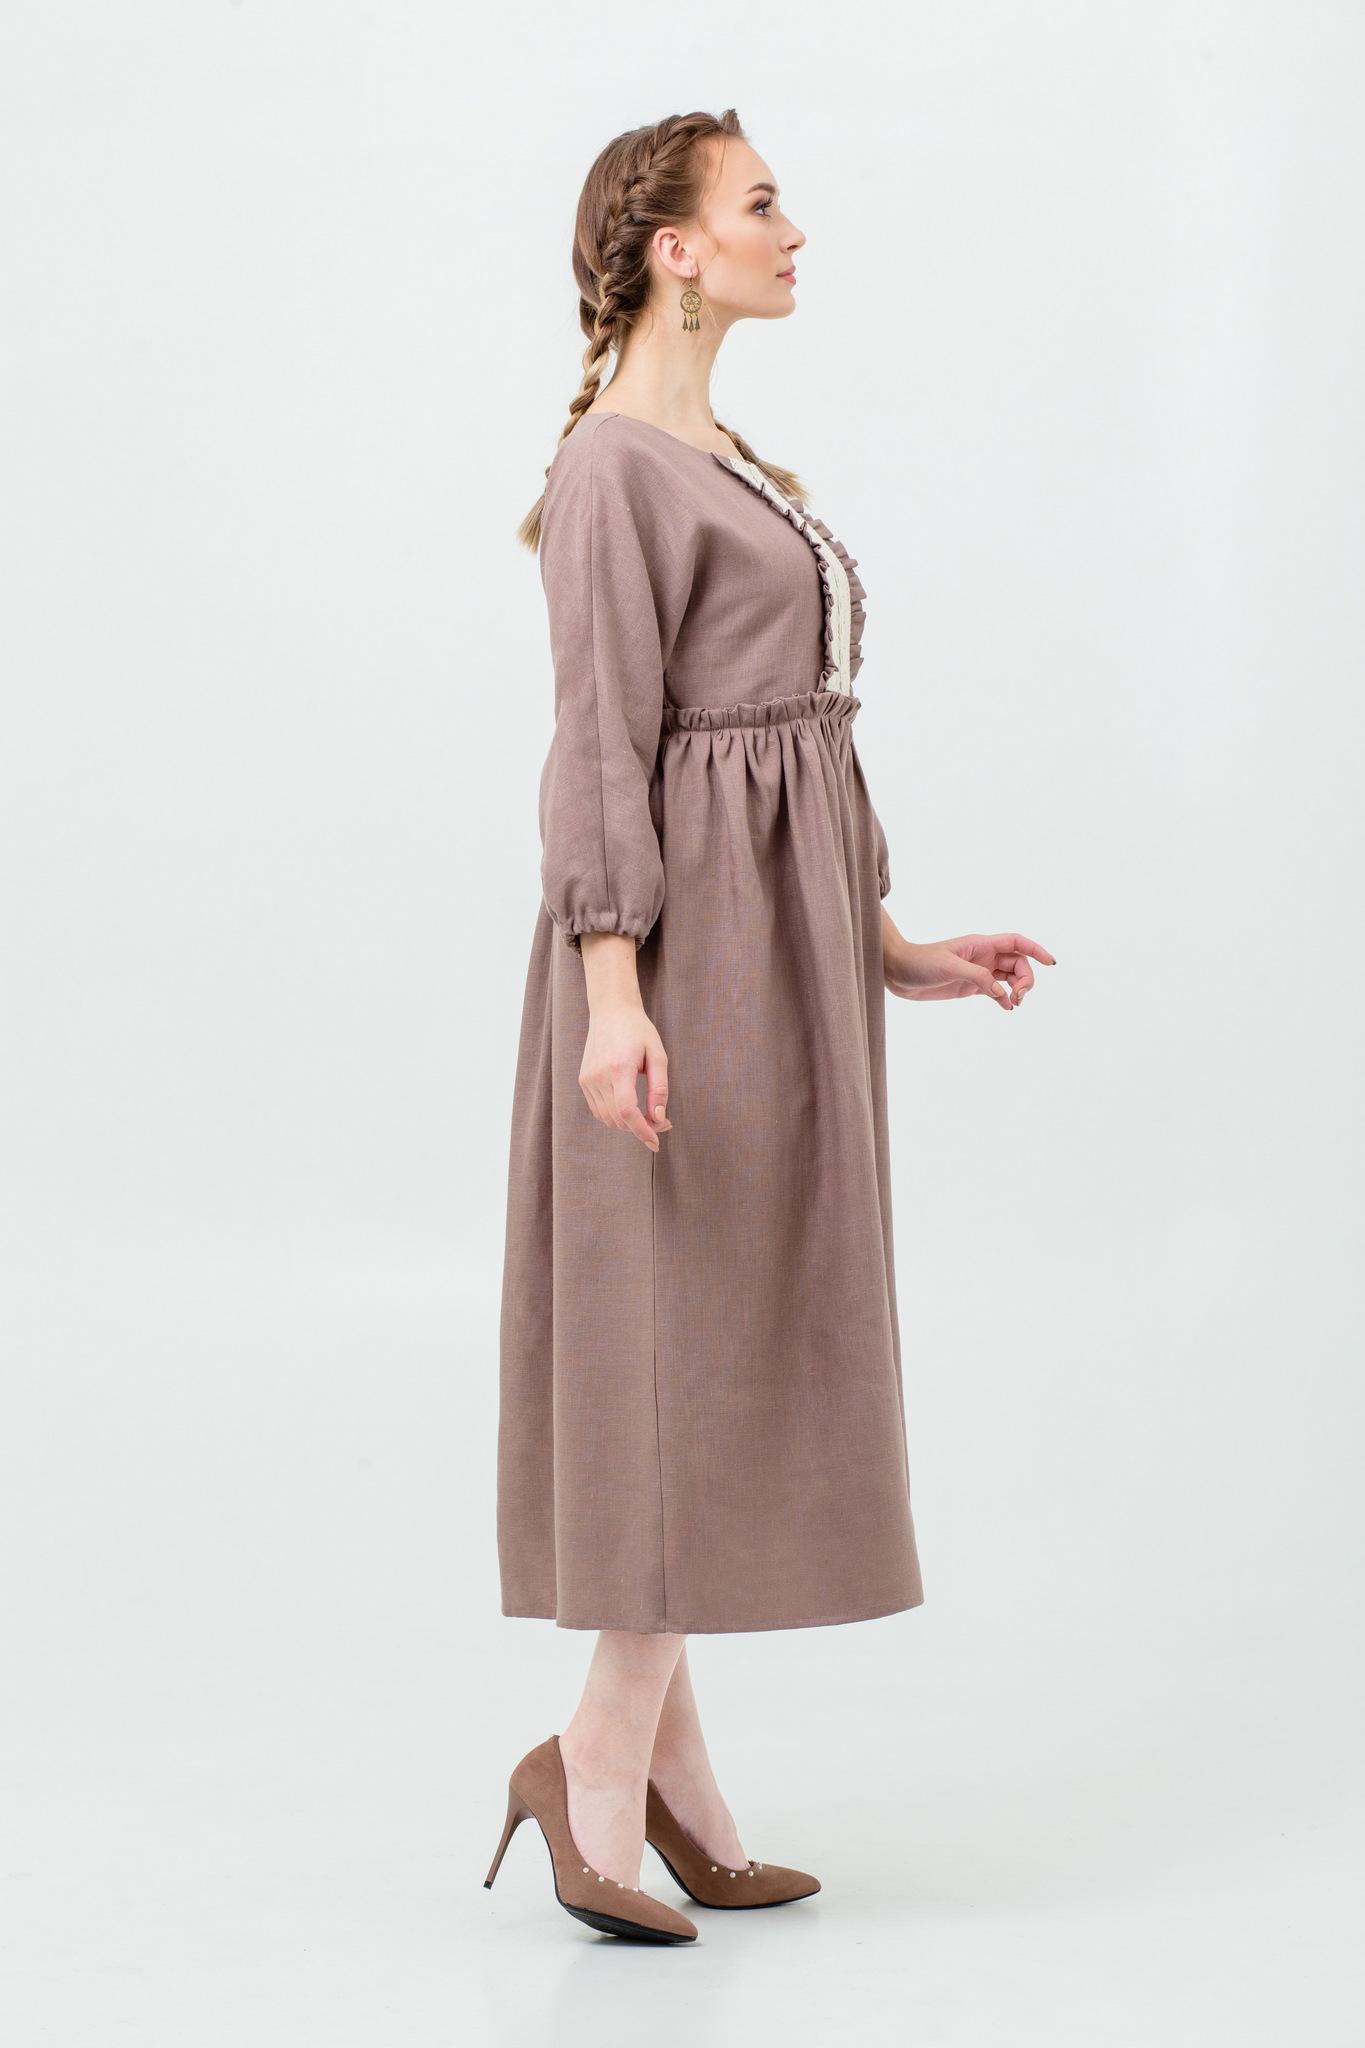 Платье льняное с кружевом Русская песня народное